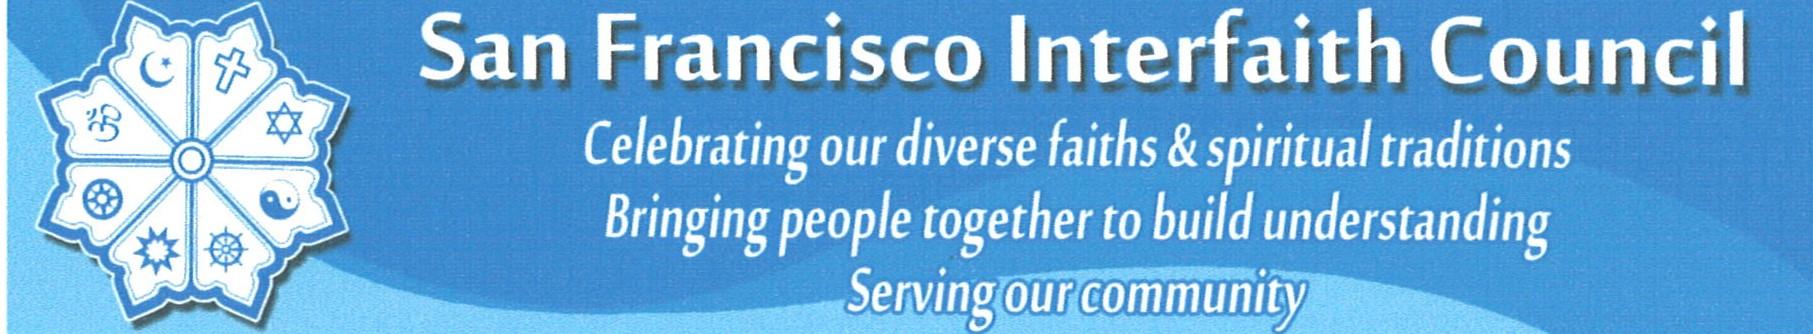 SF Interfaith Council